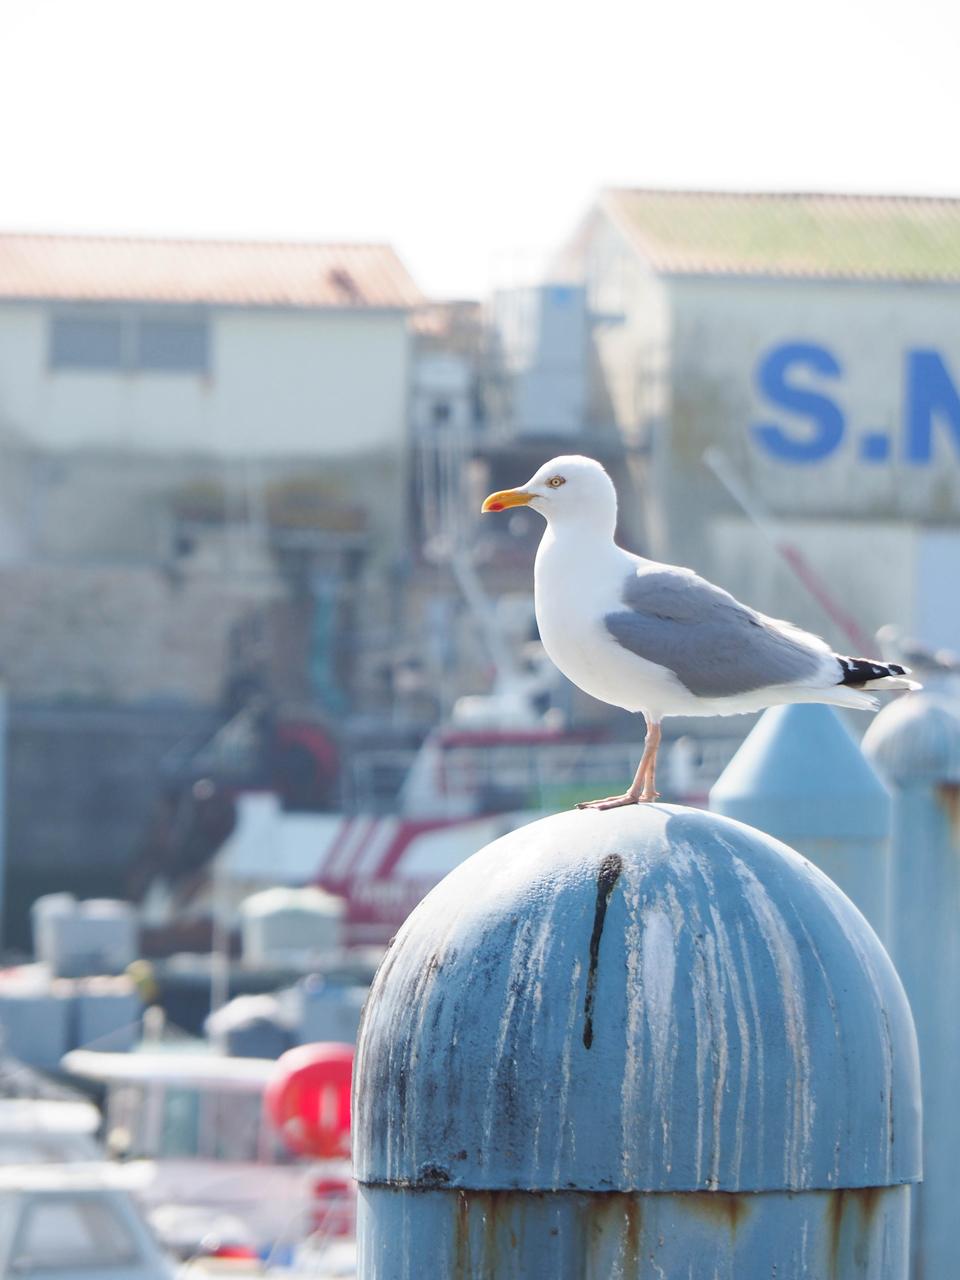 Voyages: Une matinée a L'île d'Oleron